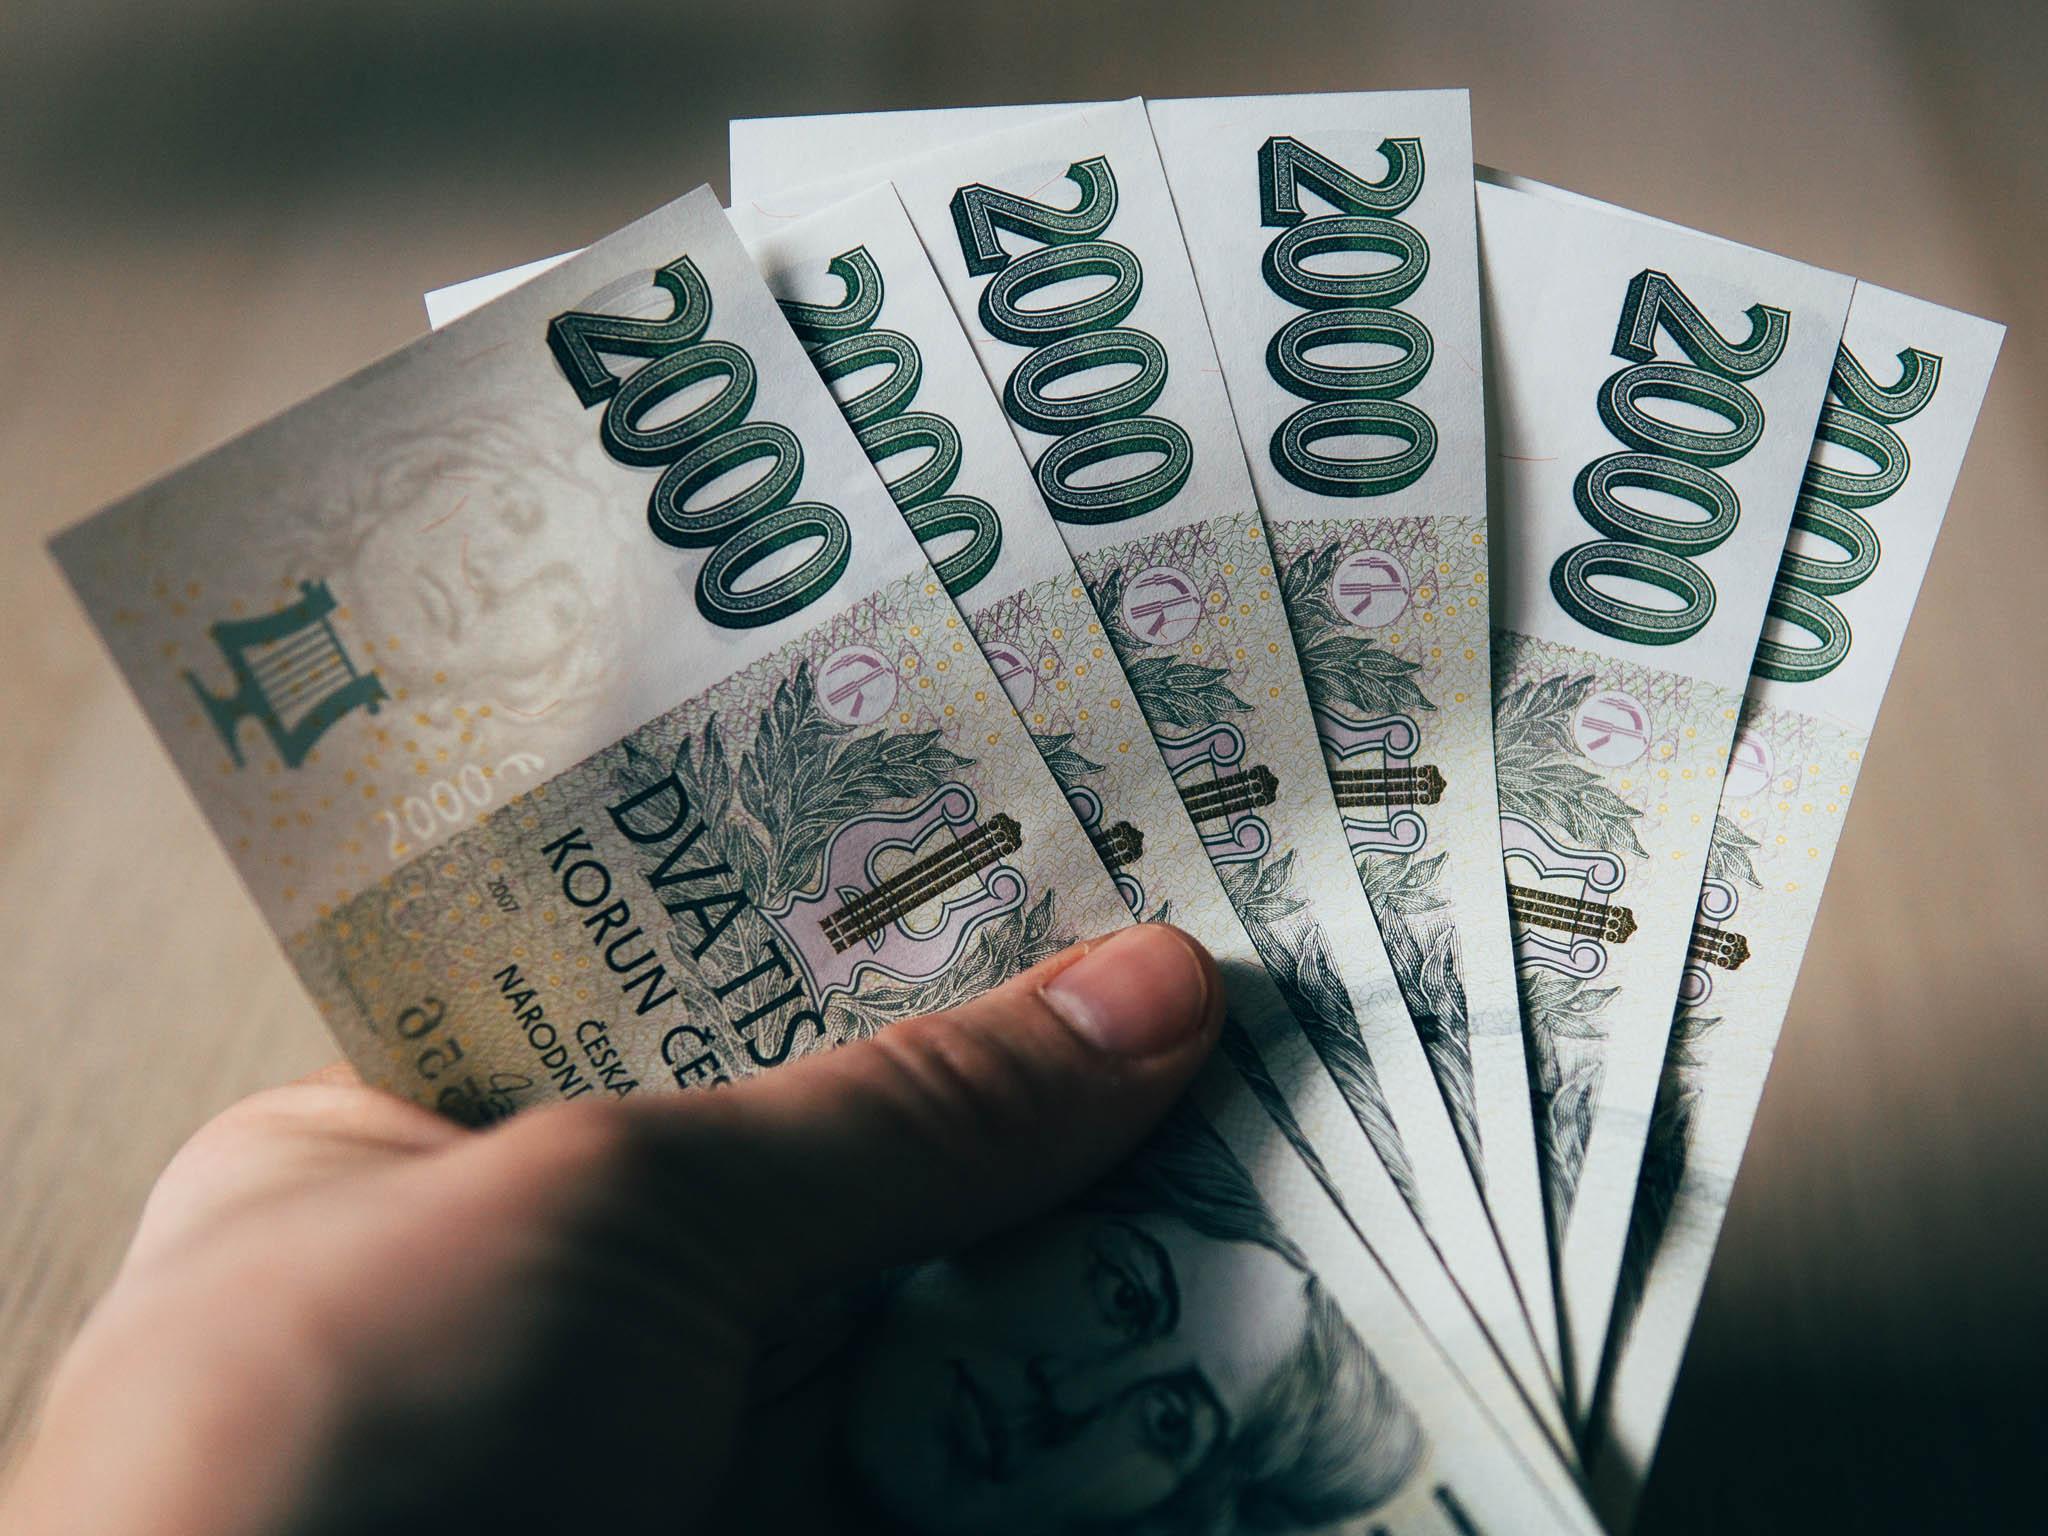 Češi omezili půjčky naspotřební věci